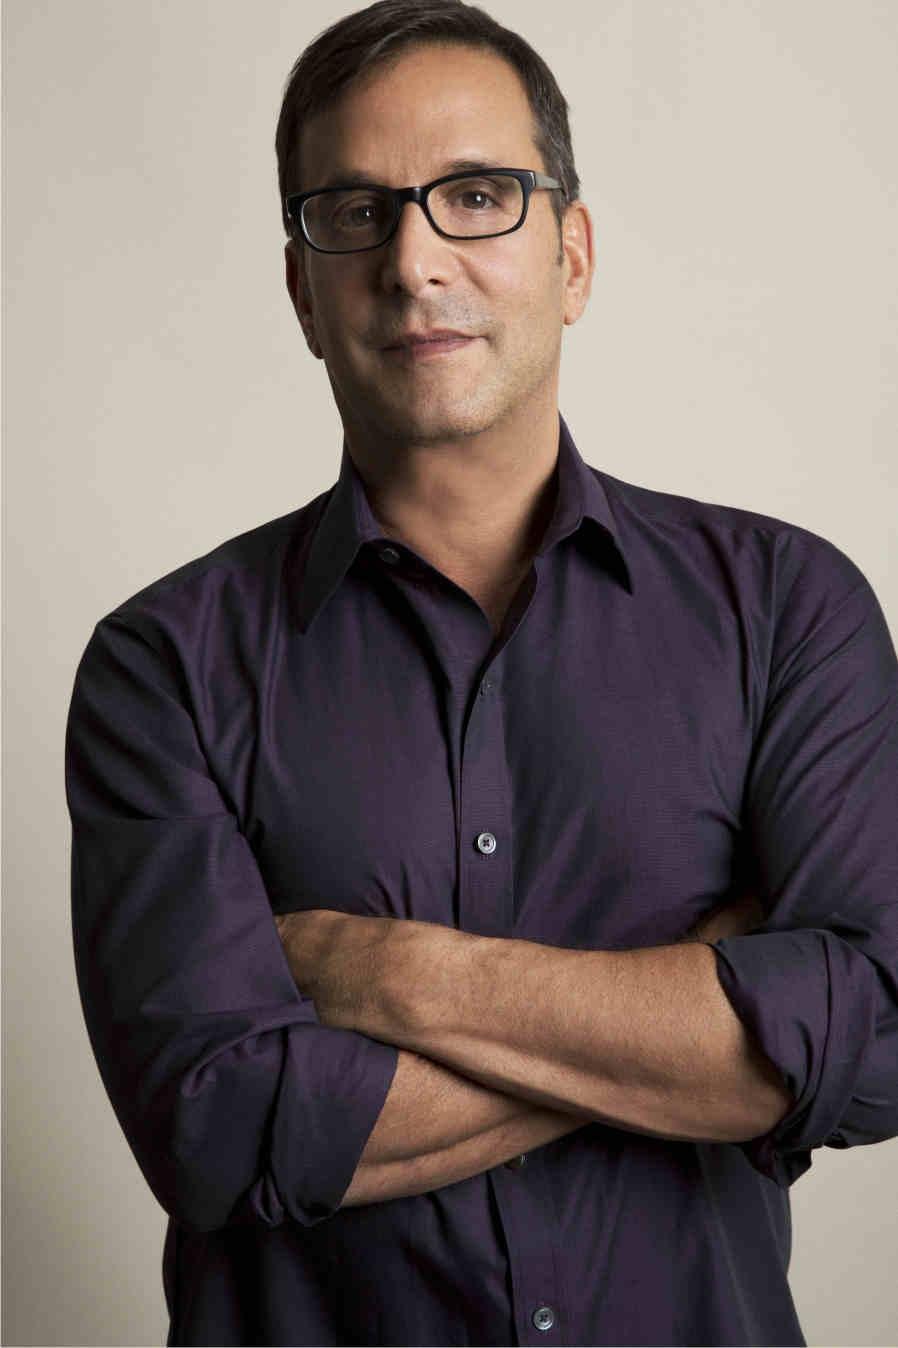 Dr. David Tannenbaum D.C. - Chiropractor